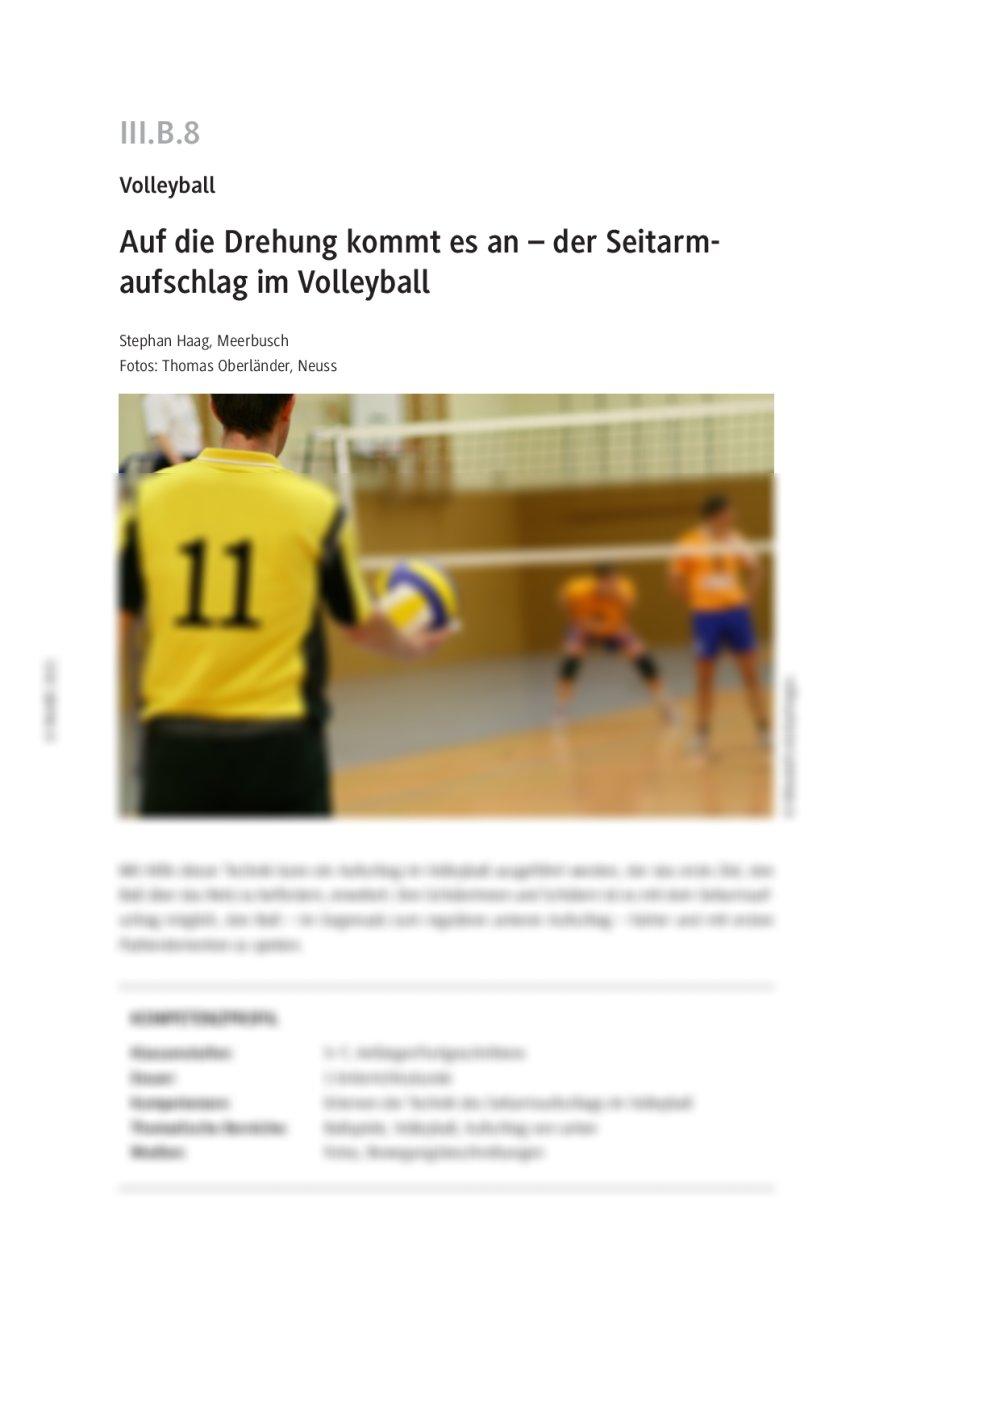 Der Seitarmaufschlag im Volleyball - Seite 1